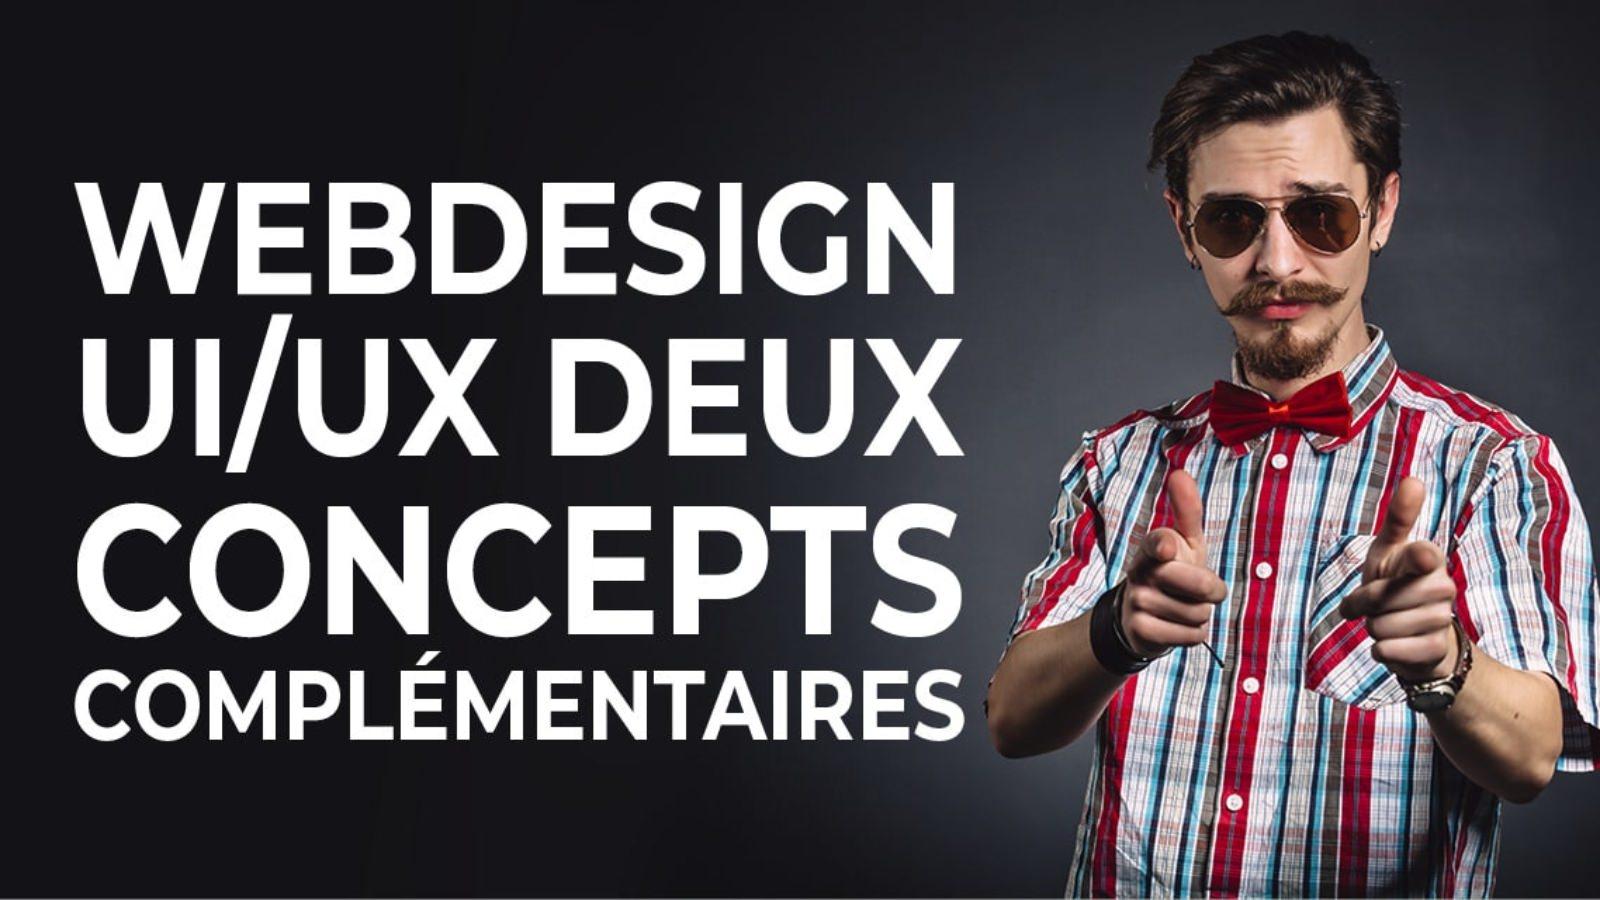 L'UX design acronyme de User eXperience, traduit chez nous par l'expérience utilisateur, renvoie à l'étude et l'optimisation du ressenti qu'un utilisateur va avoir, lorsqu'il sera confronté à votre site web. L'UX se concentre sur l'aspect émotionnel et psychologique de l'expérience client. Il a pour but d'optimiser la navigation et de proposer un plaisir d'utilisation et une facilité de compréhension.